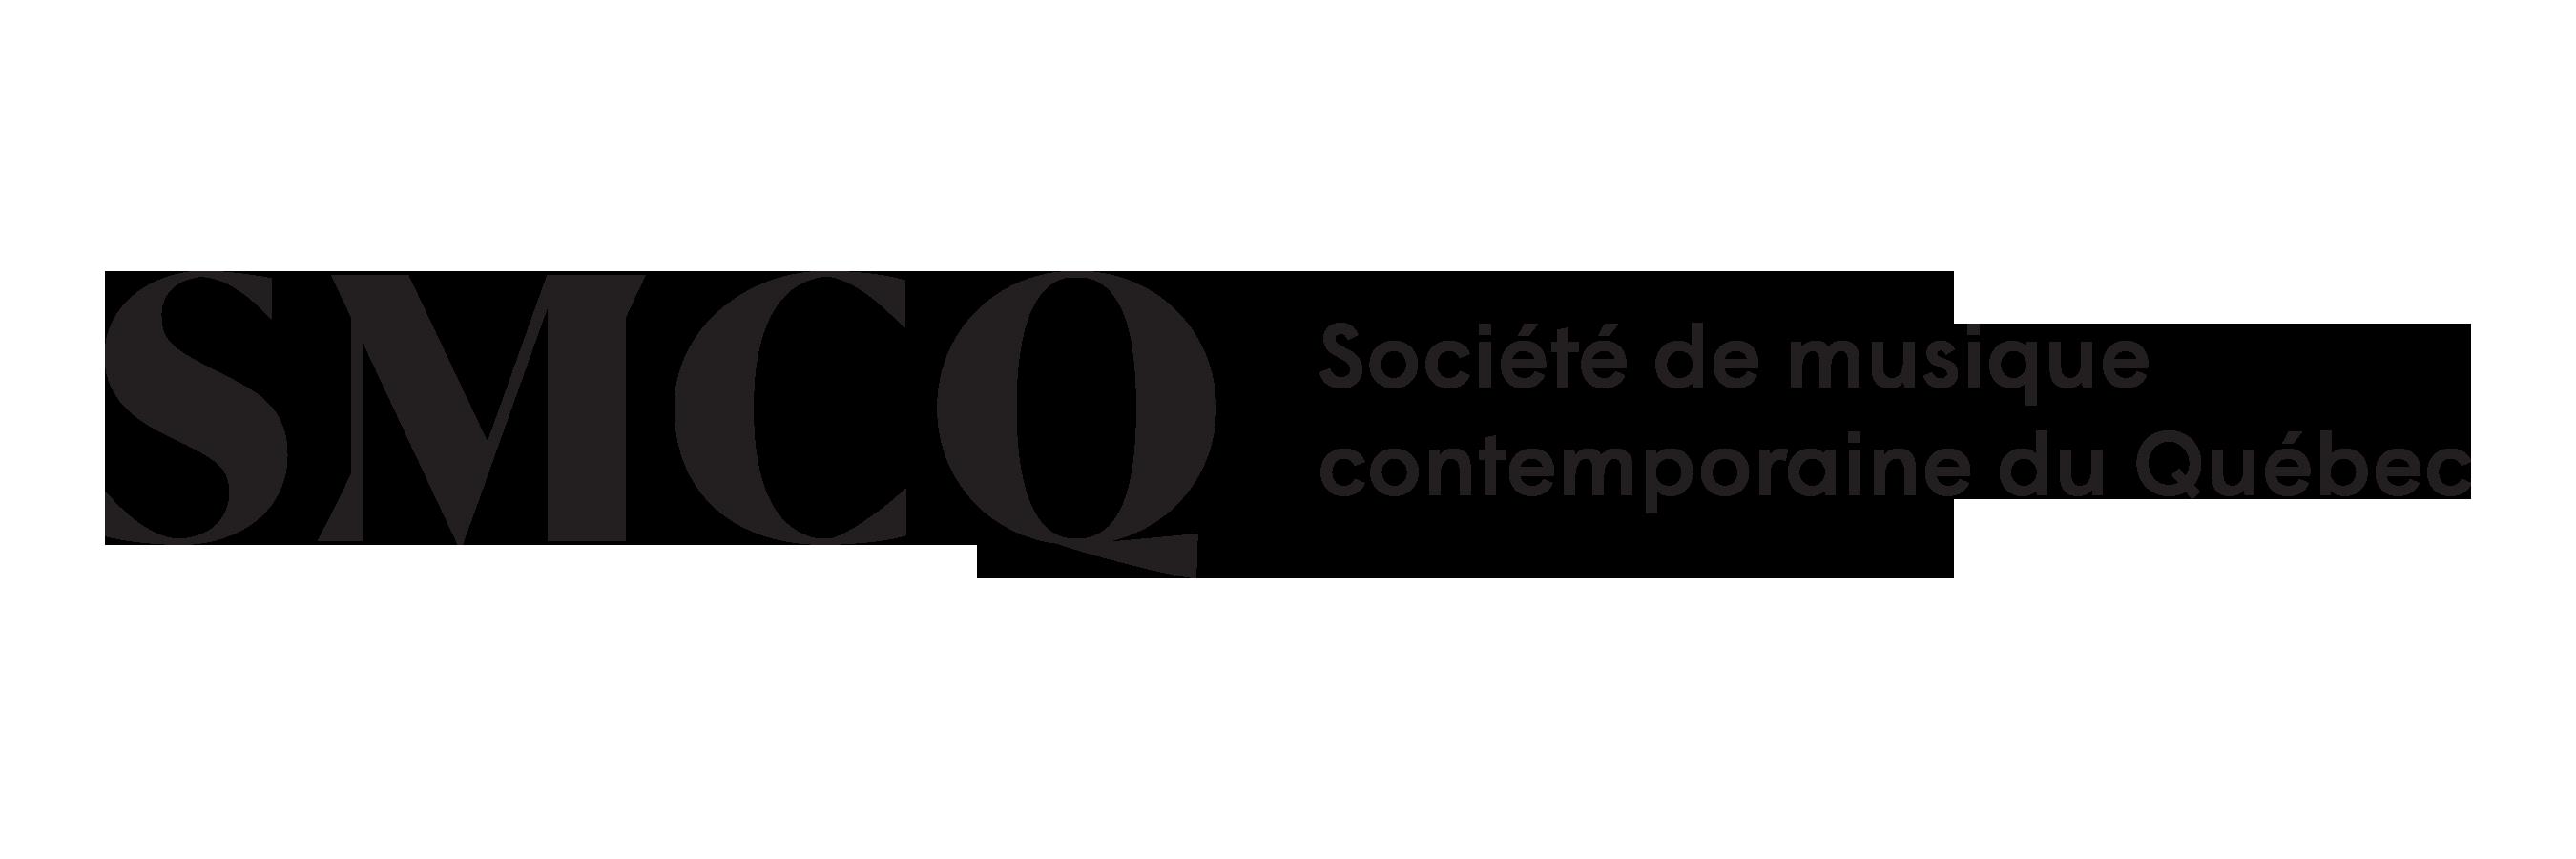 Société de musique contemporaine du Québec (SMCQ)